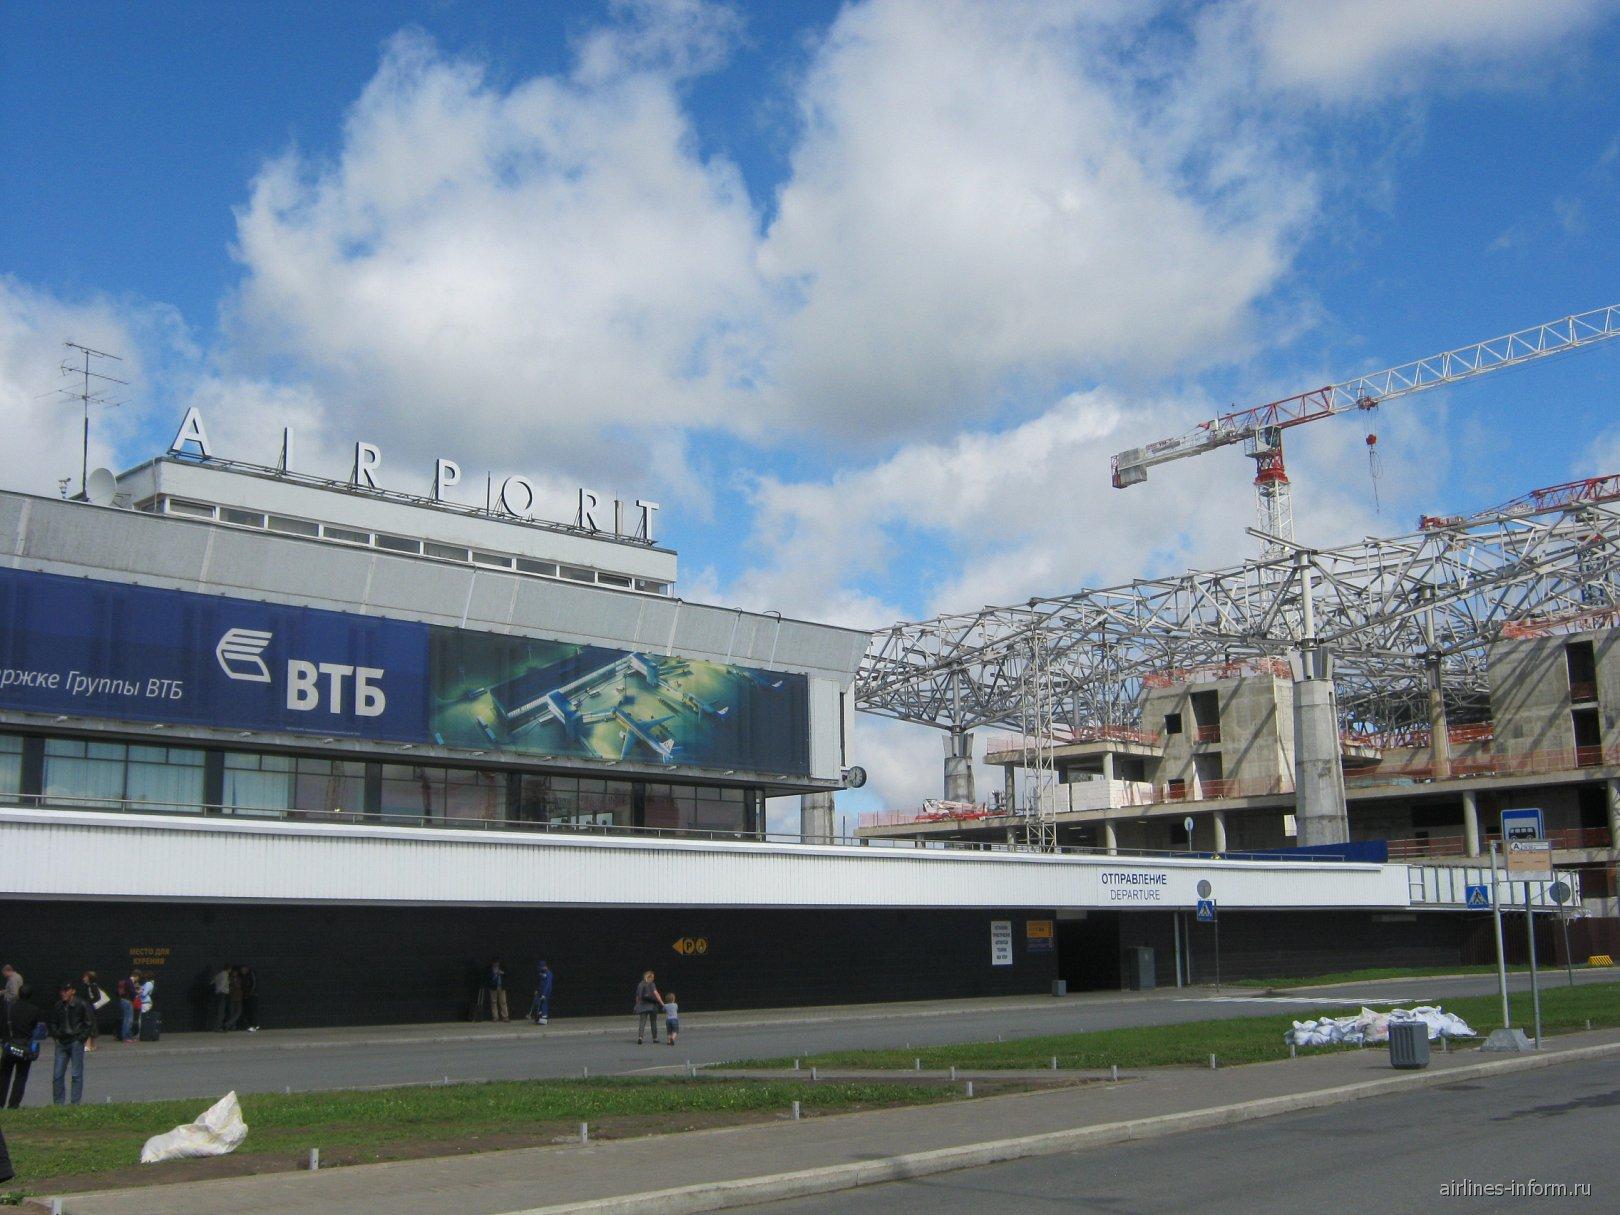 Новый аэровокзал аэропорта Пулково в Санкт-Петербурге